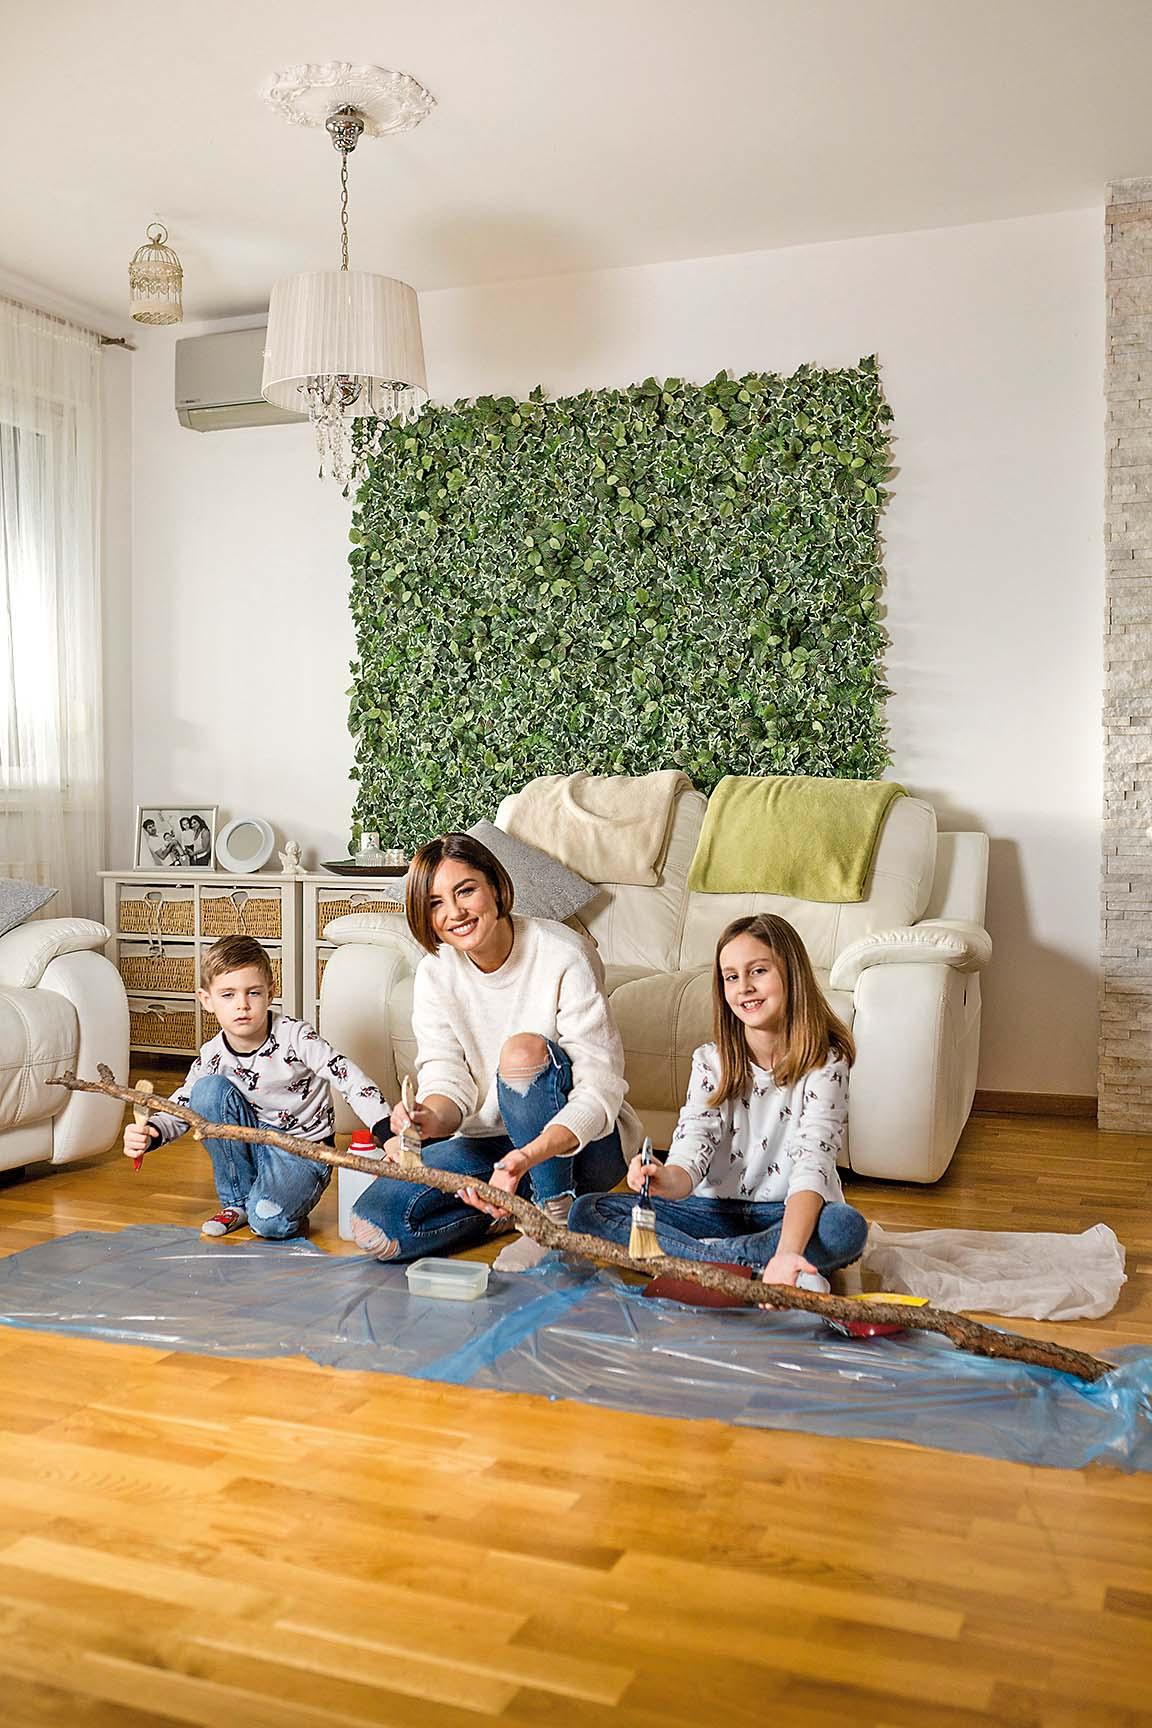 Antonija Stupar Jurkin  sin Ivano i kcer Paola Hobi renovacija namjestaja Odra Fotograf Matej Dokic 020219